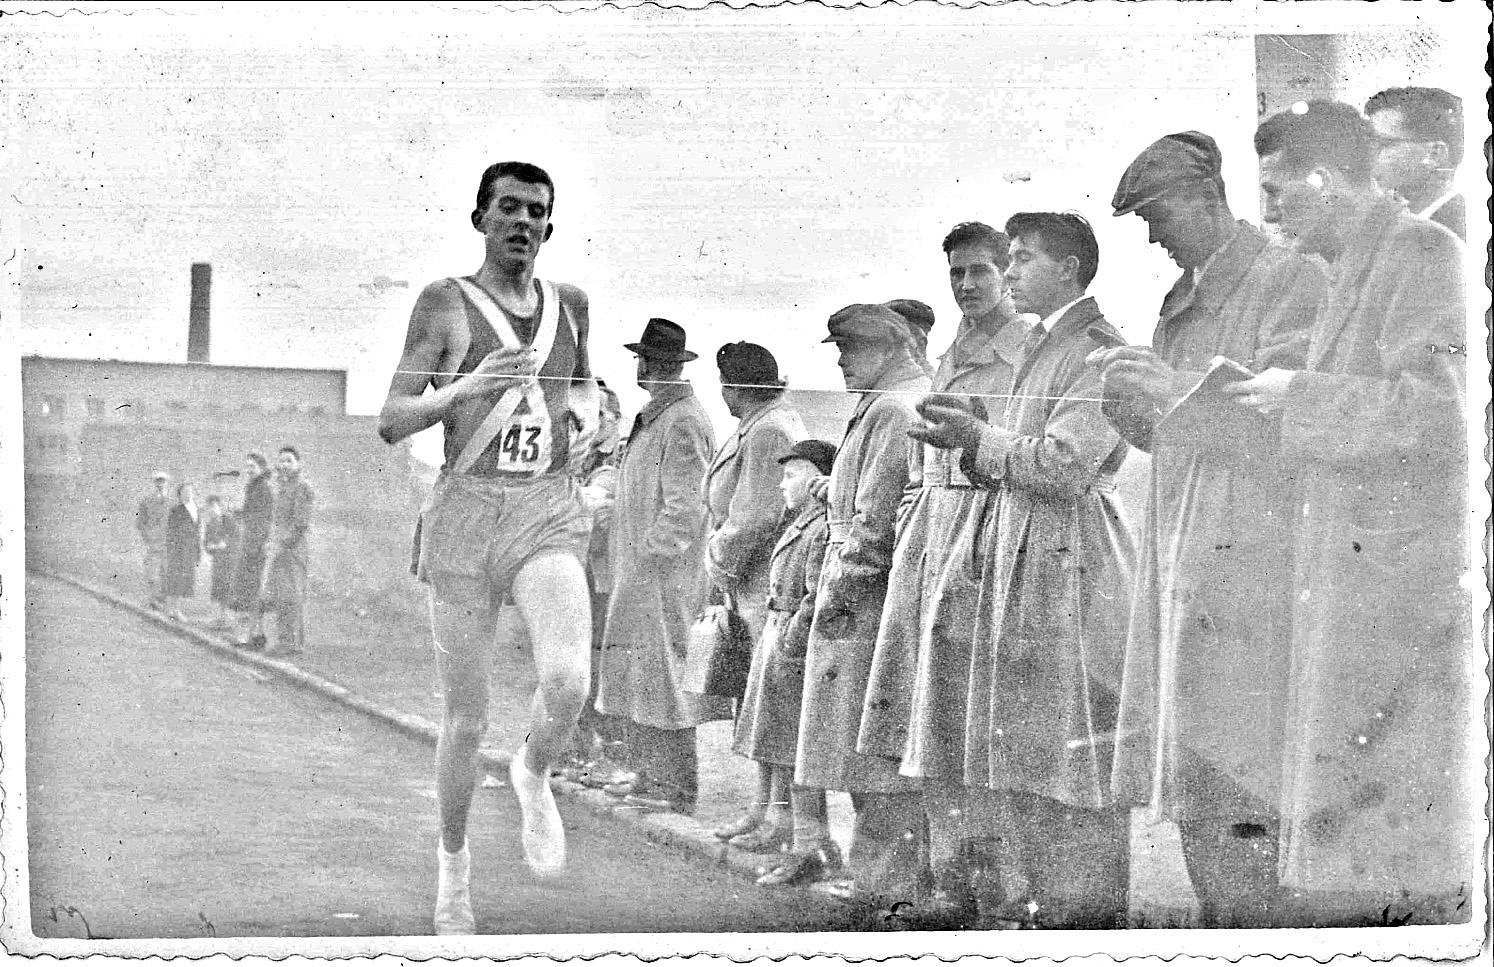 bill-goodwin-clydesdale-harriers-youths-ballot-race-1955